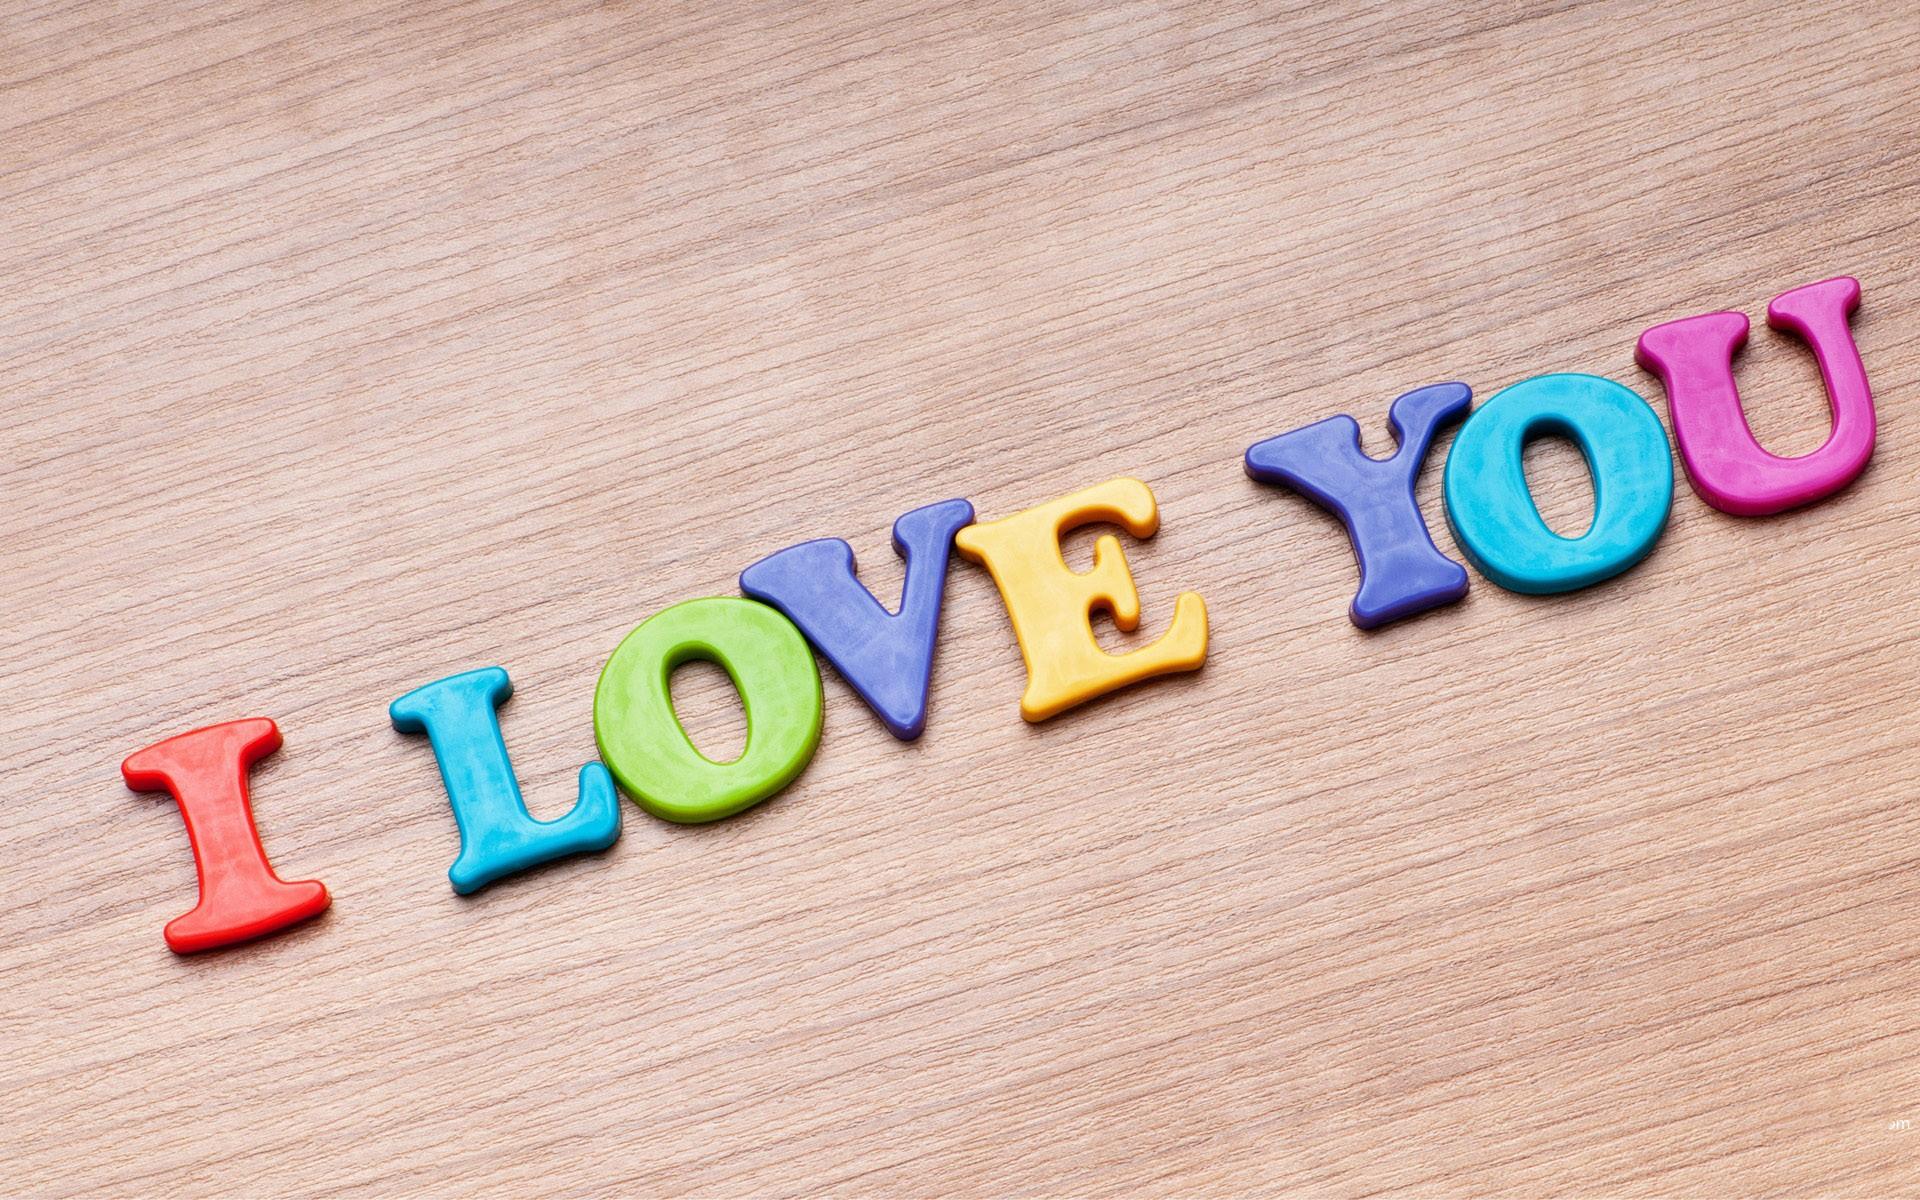 I Love You Hd Wallpaper